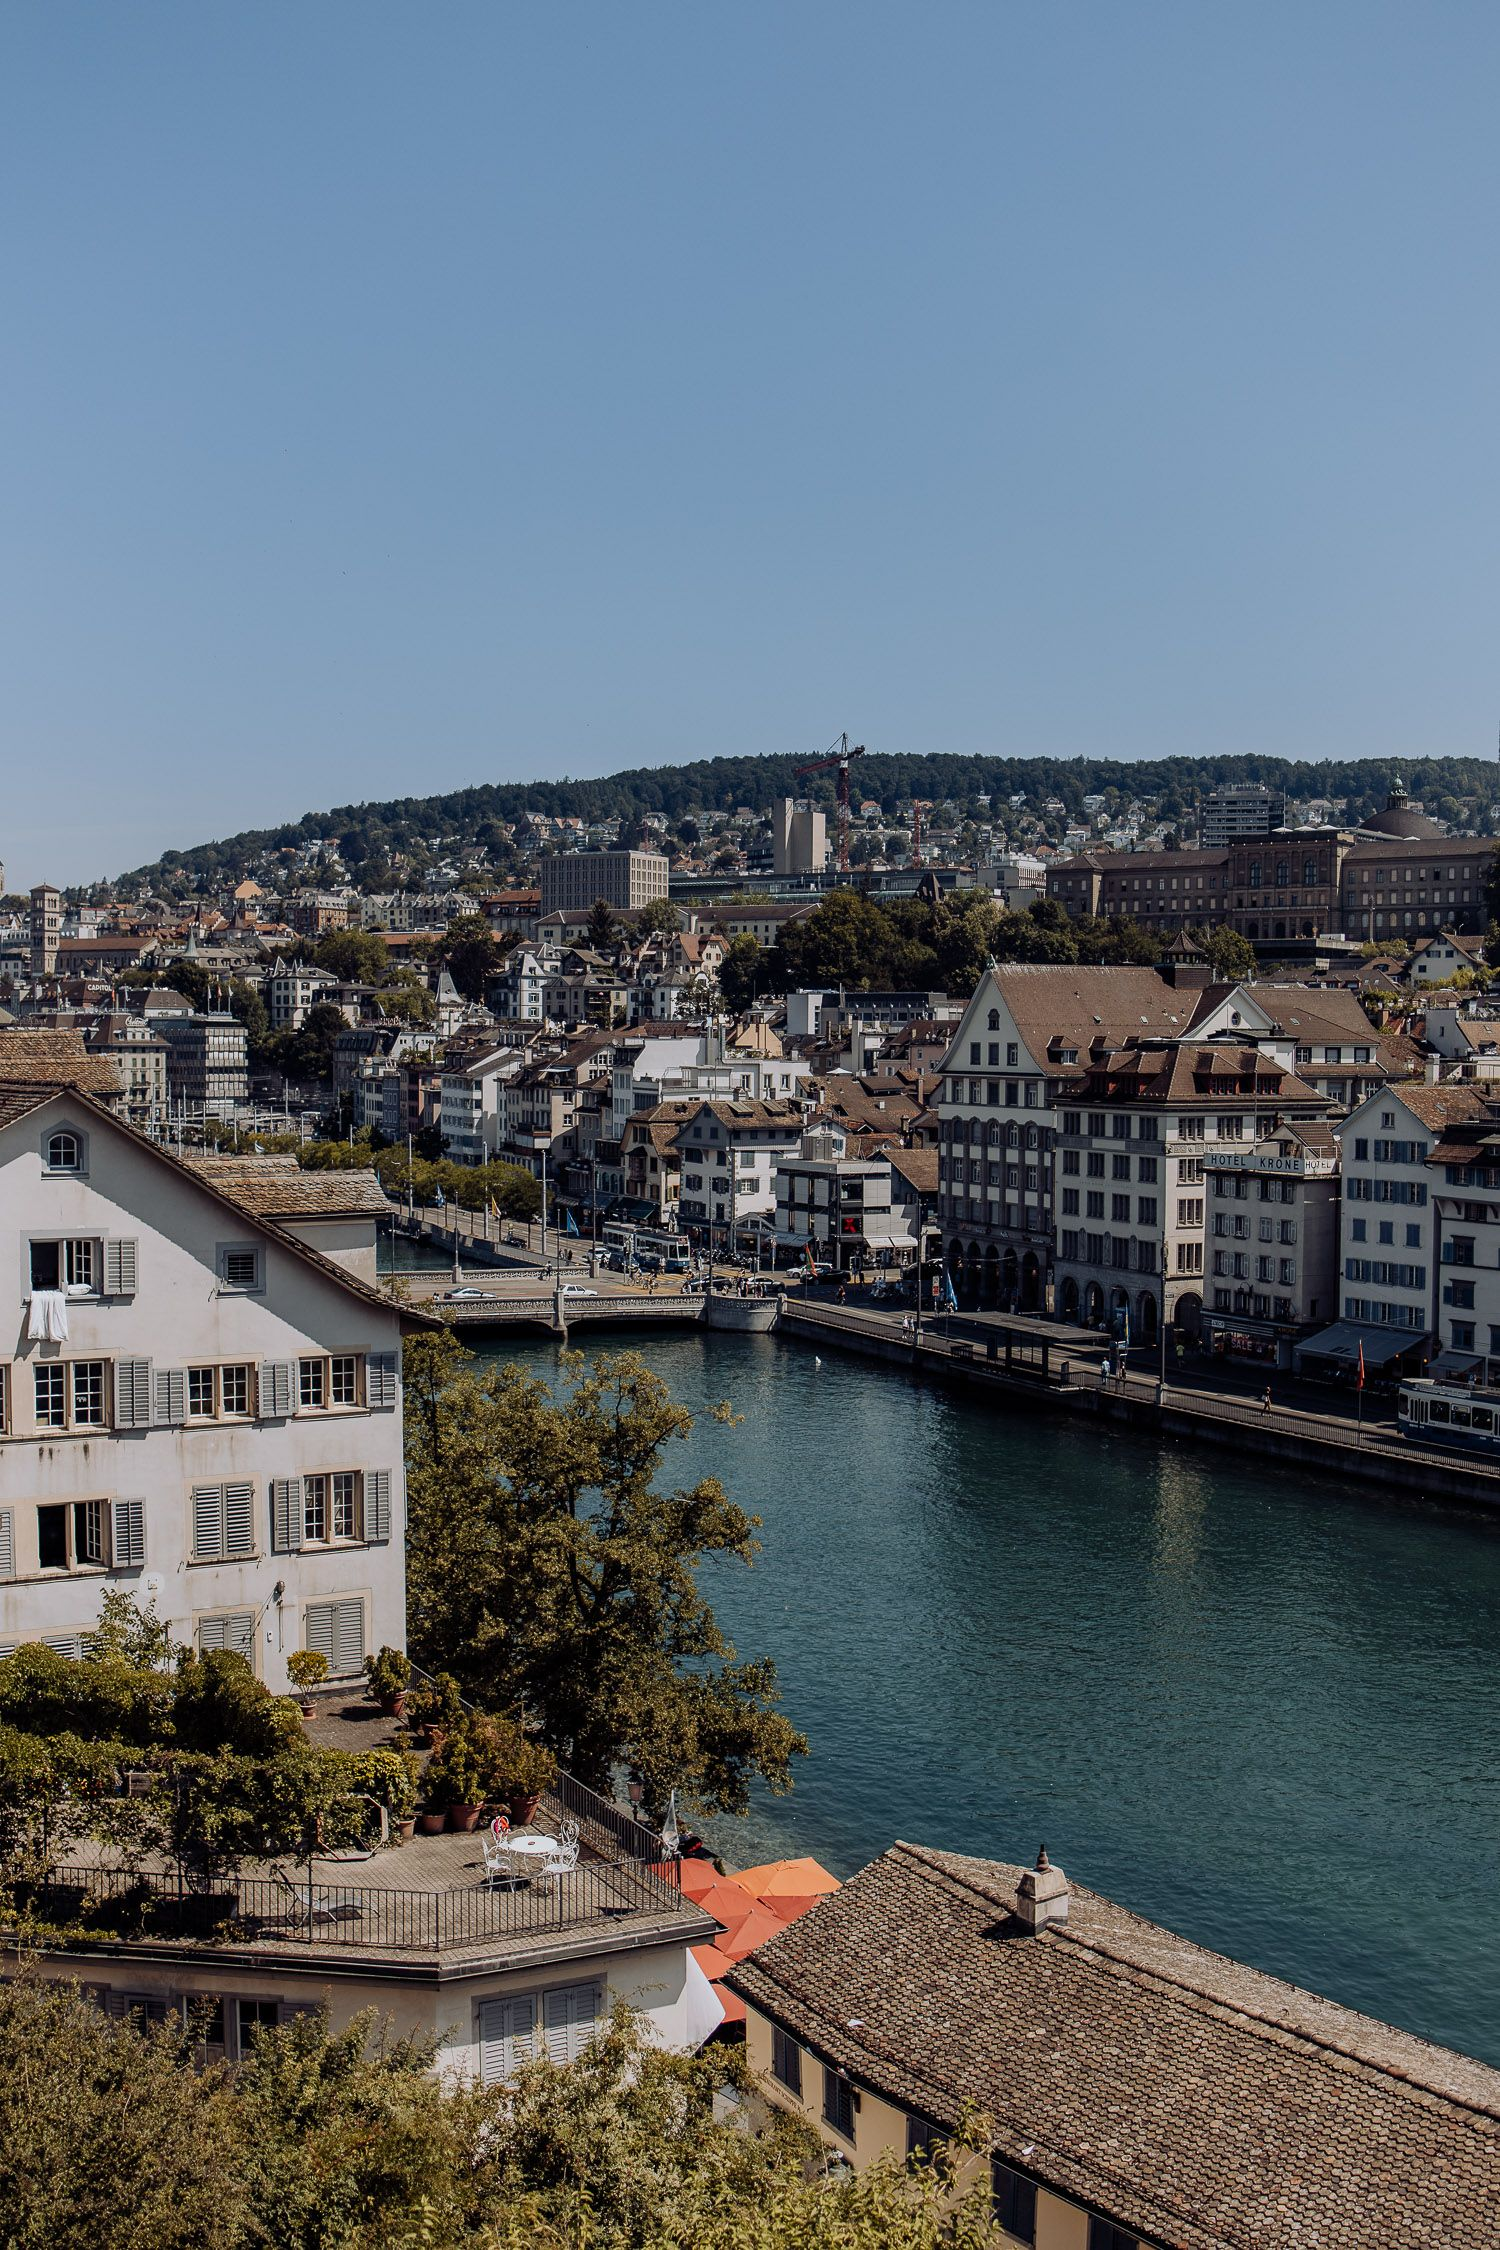 Vier Perfekte Sommertage Am Zurichsee Zurich Tourismus Reisen Und Sommertage